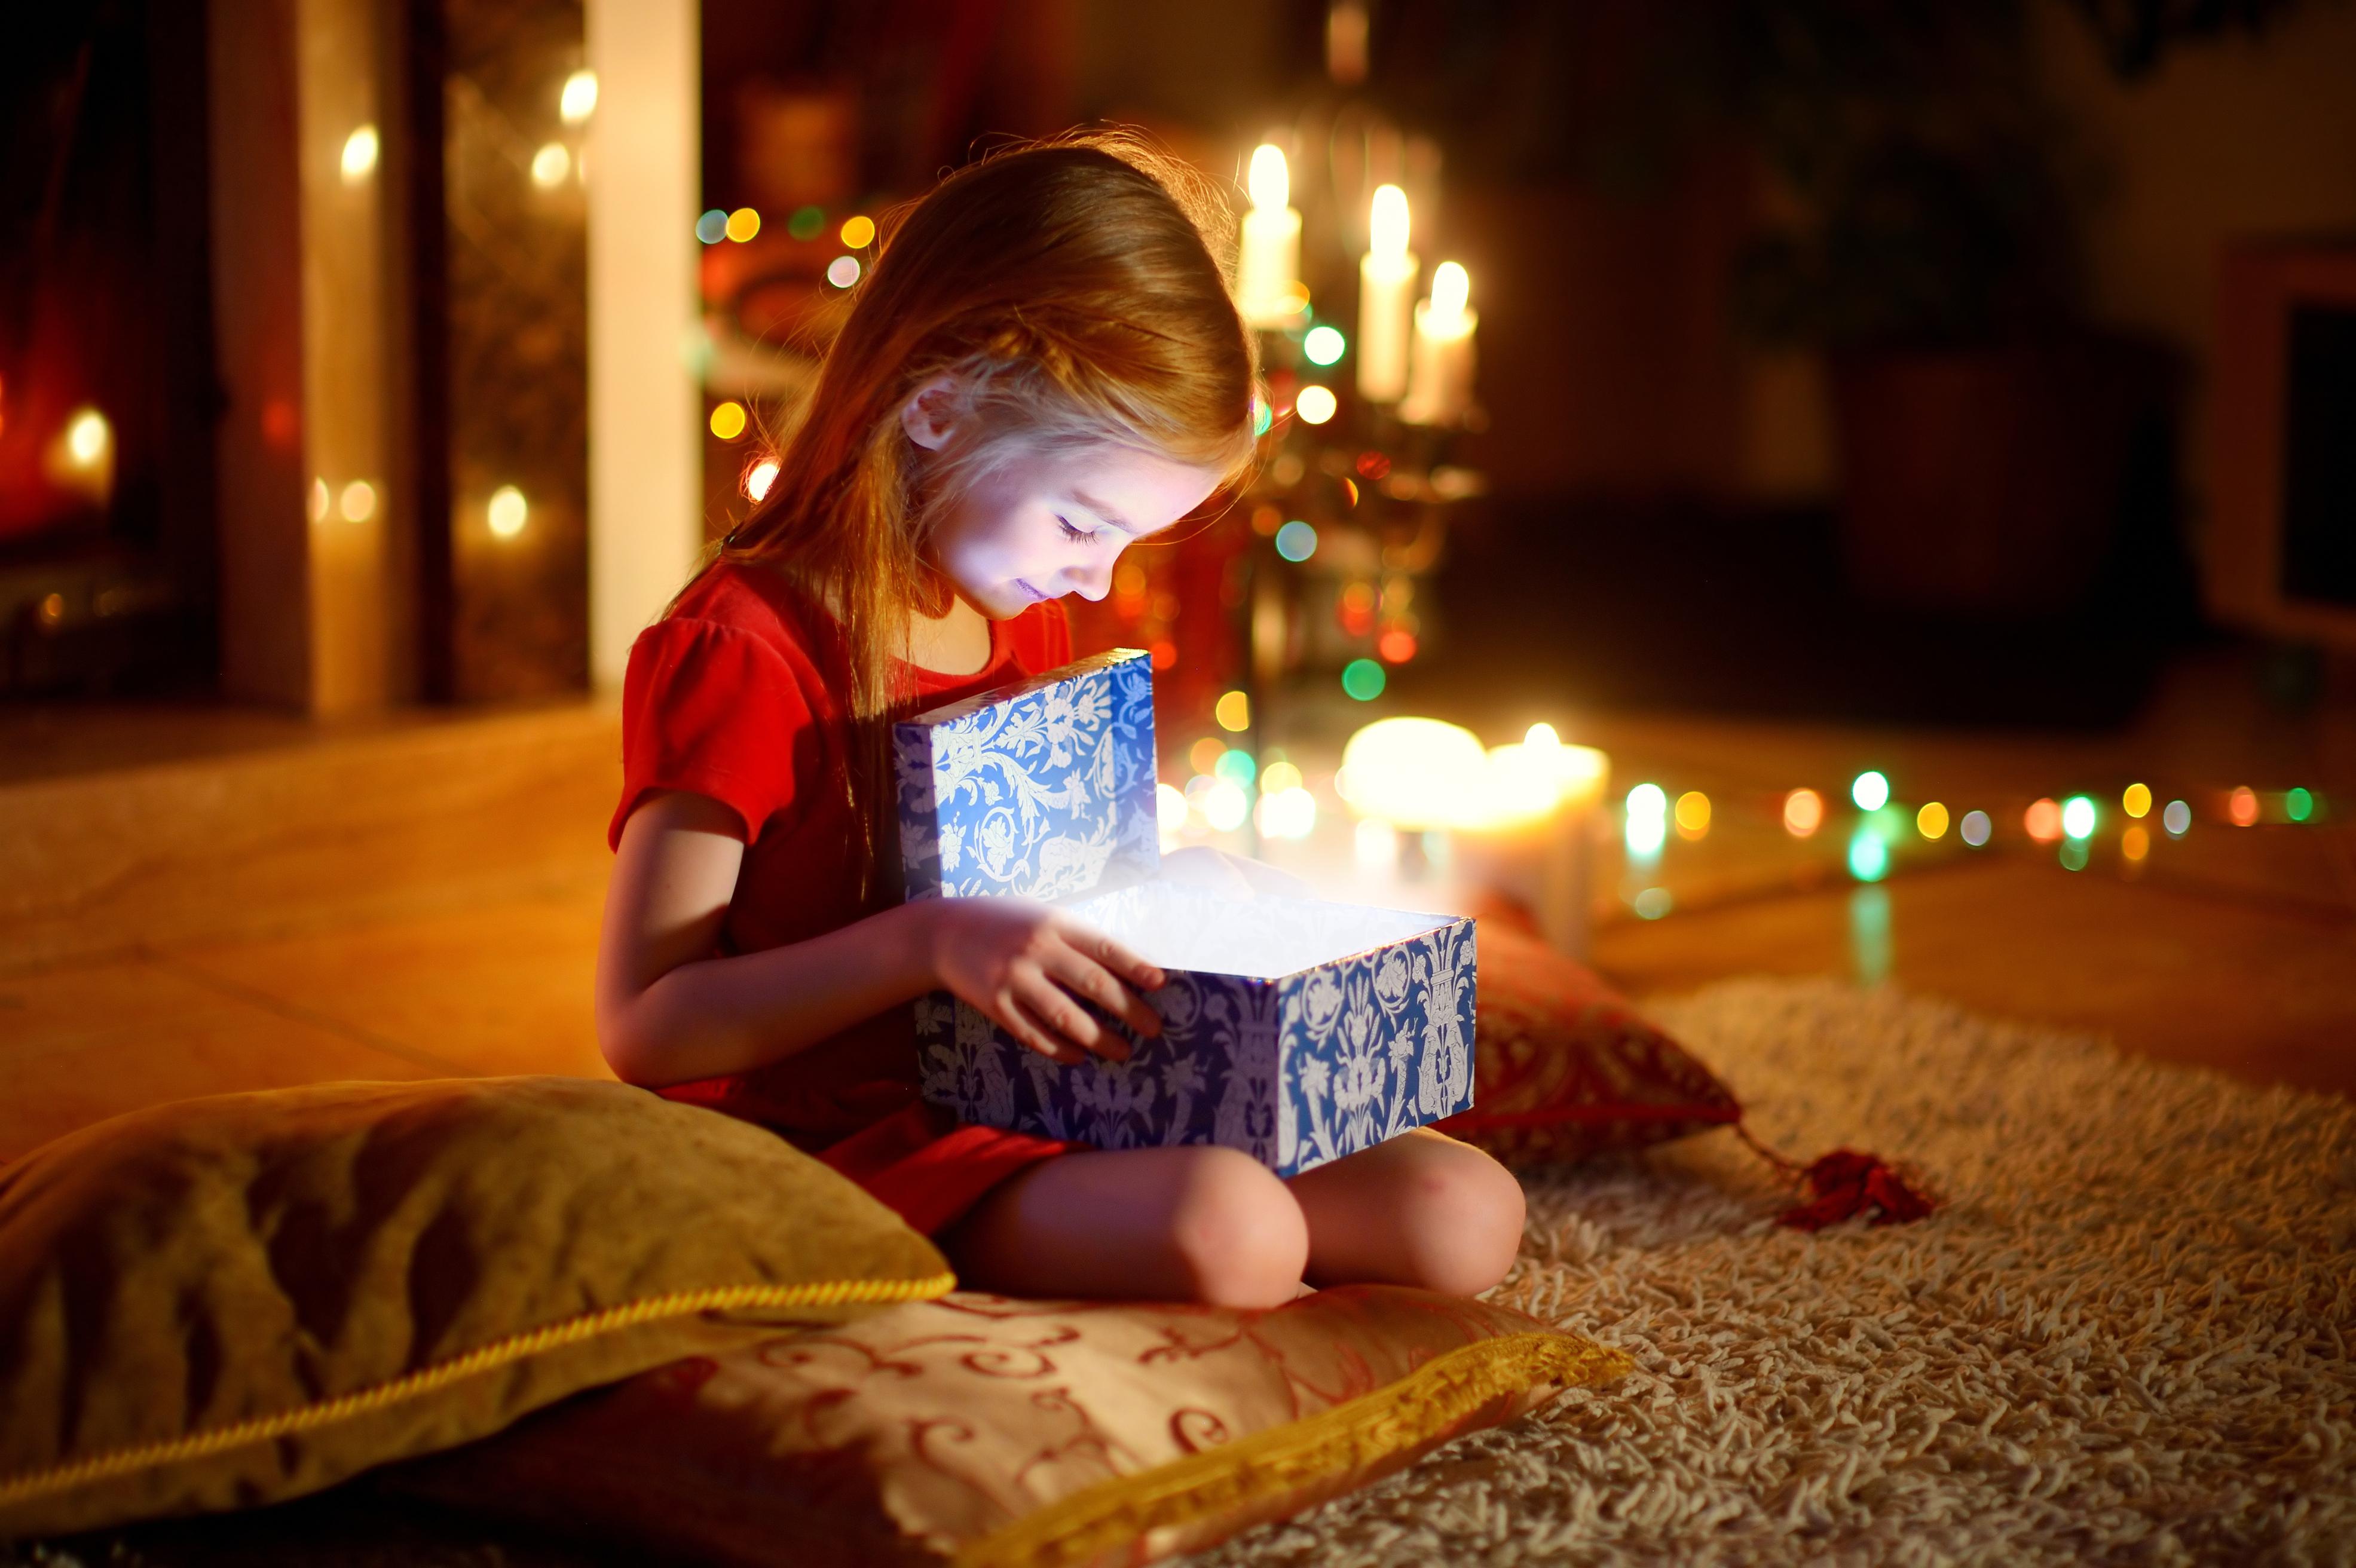 Regali Di Natale Bambina 6 Anni.Idee Regalo Natale Bambini Da 1 A 6 Anni Te La Trovo Io